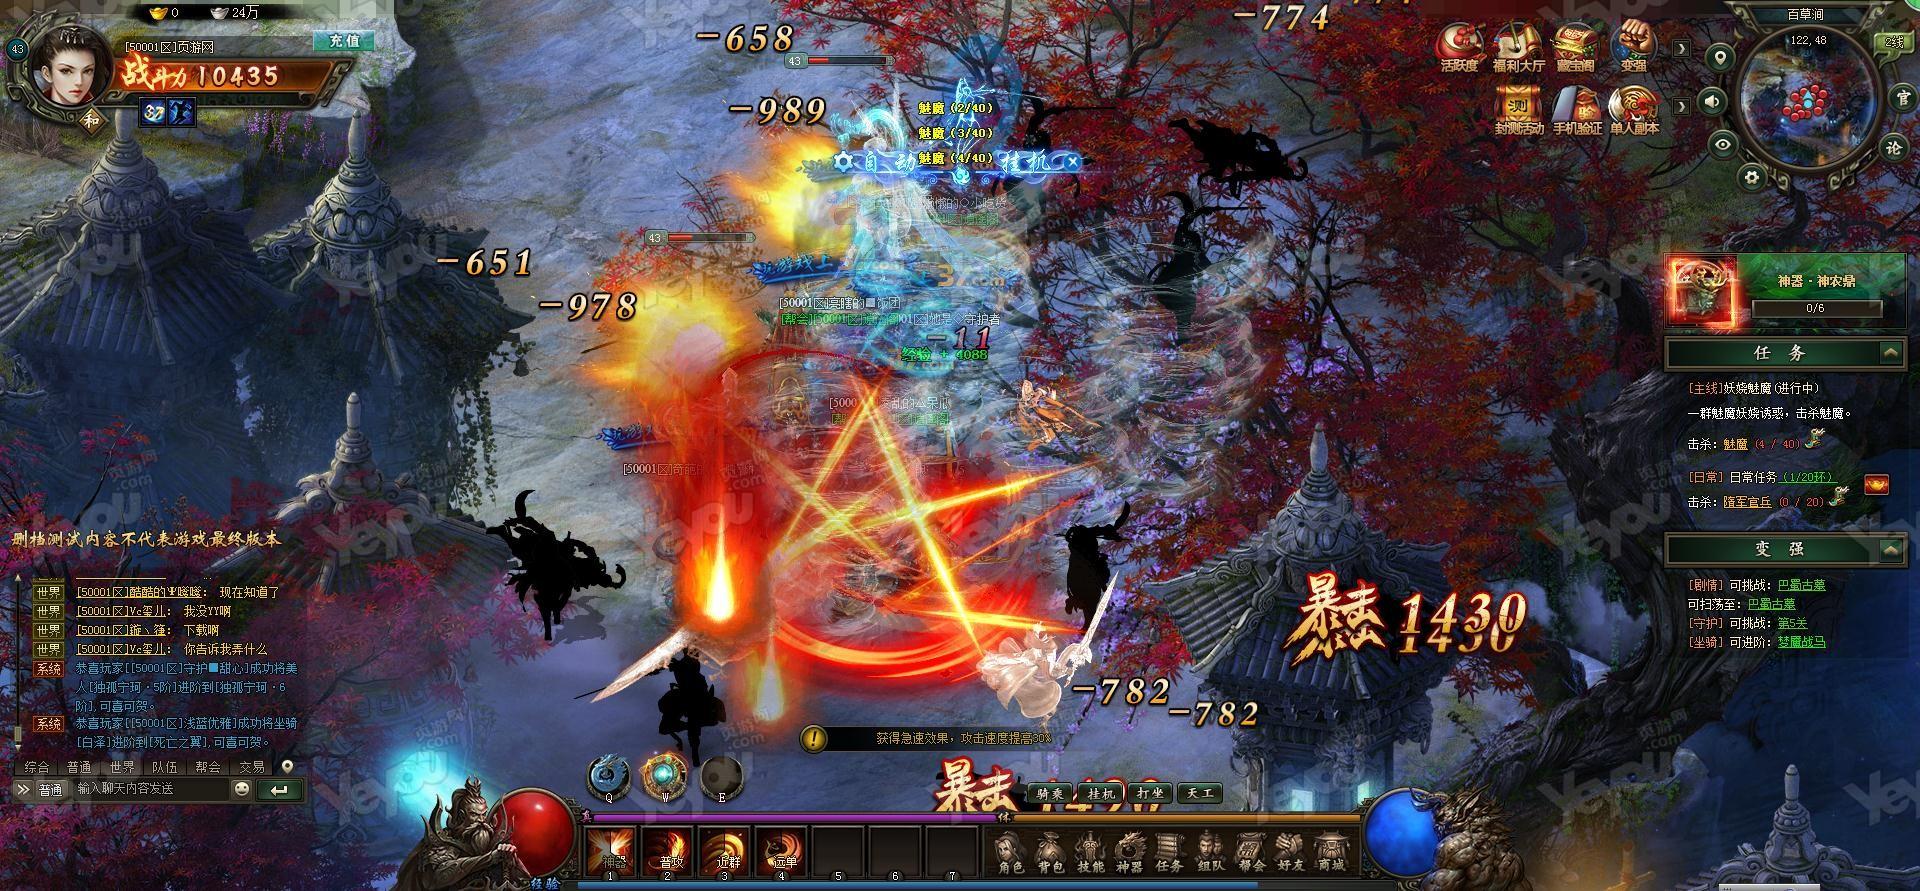 经典单机改编页游《轩辕剑之天之痕》游戏截图